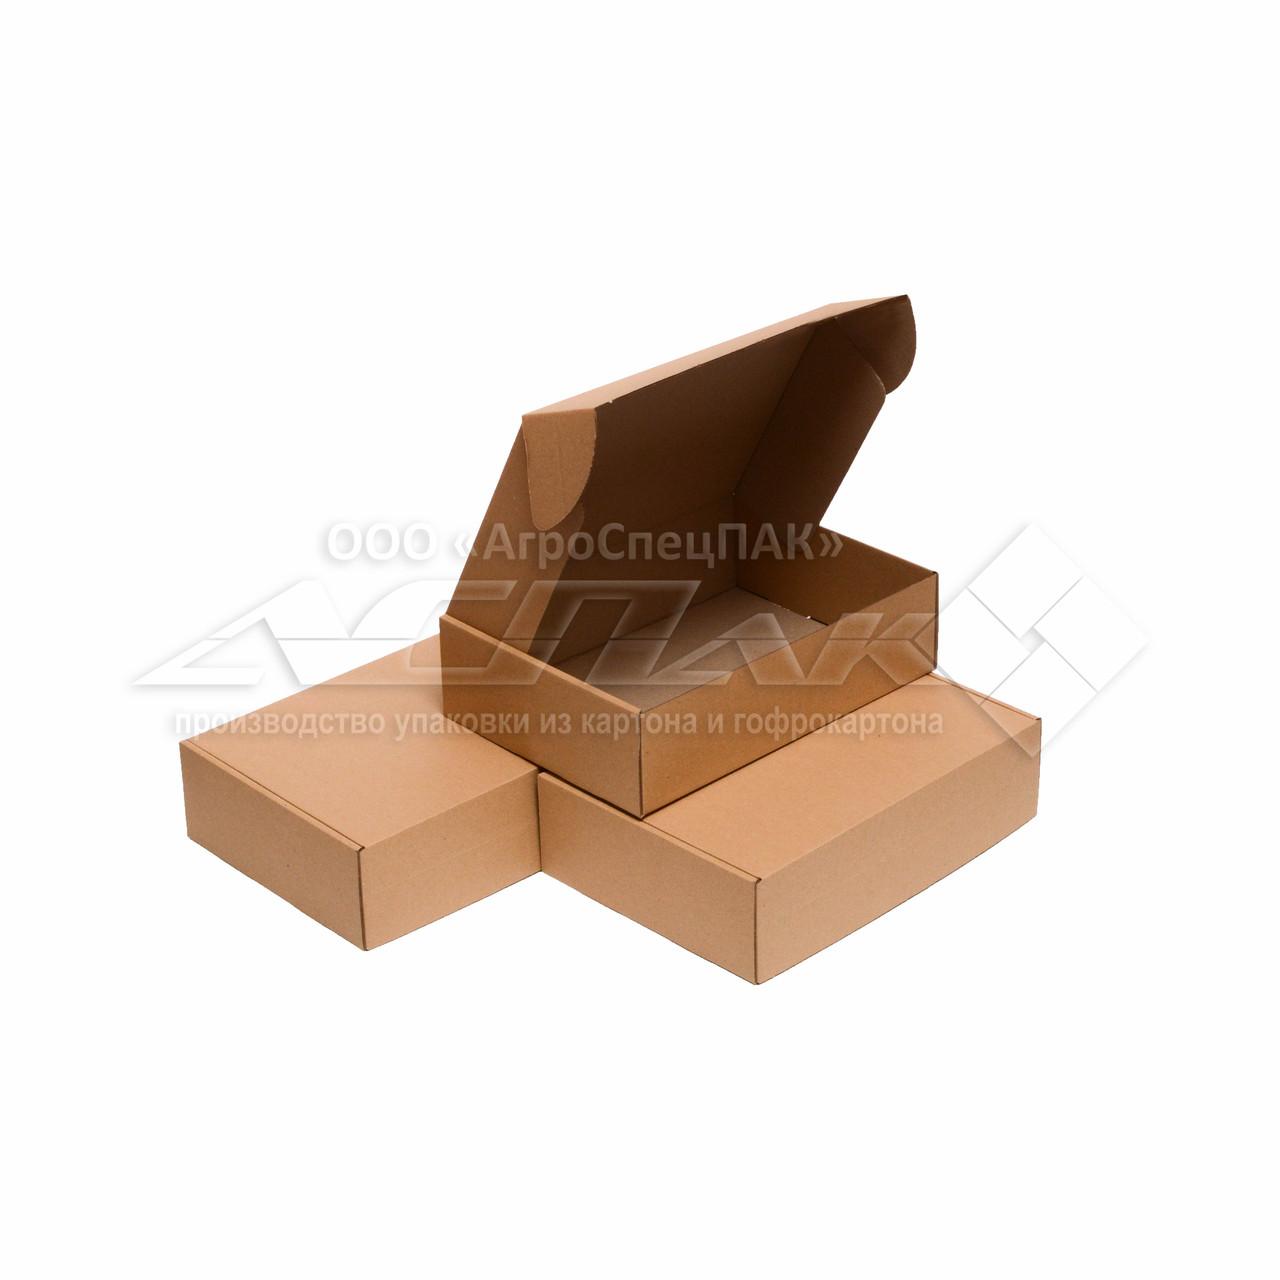 Купить сигареты от 1 коробки сигареты из казахстана купить в оренбурге